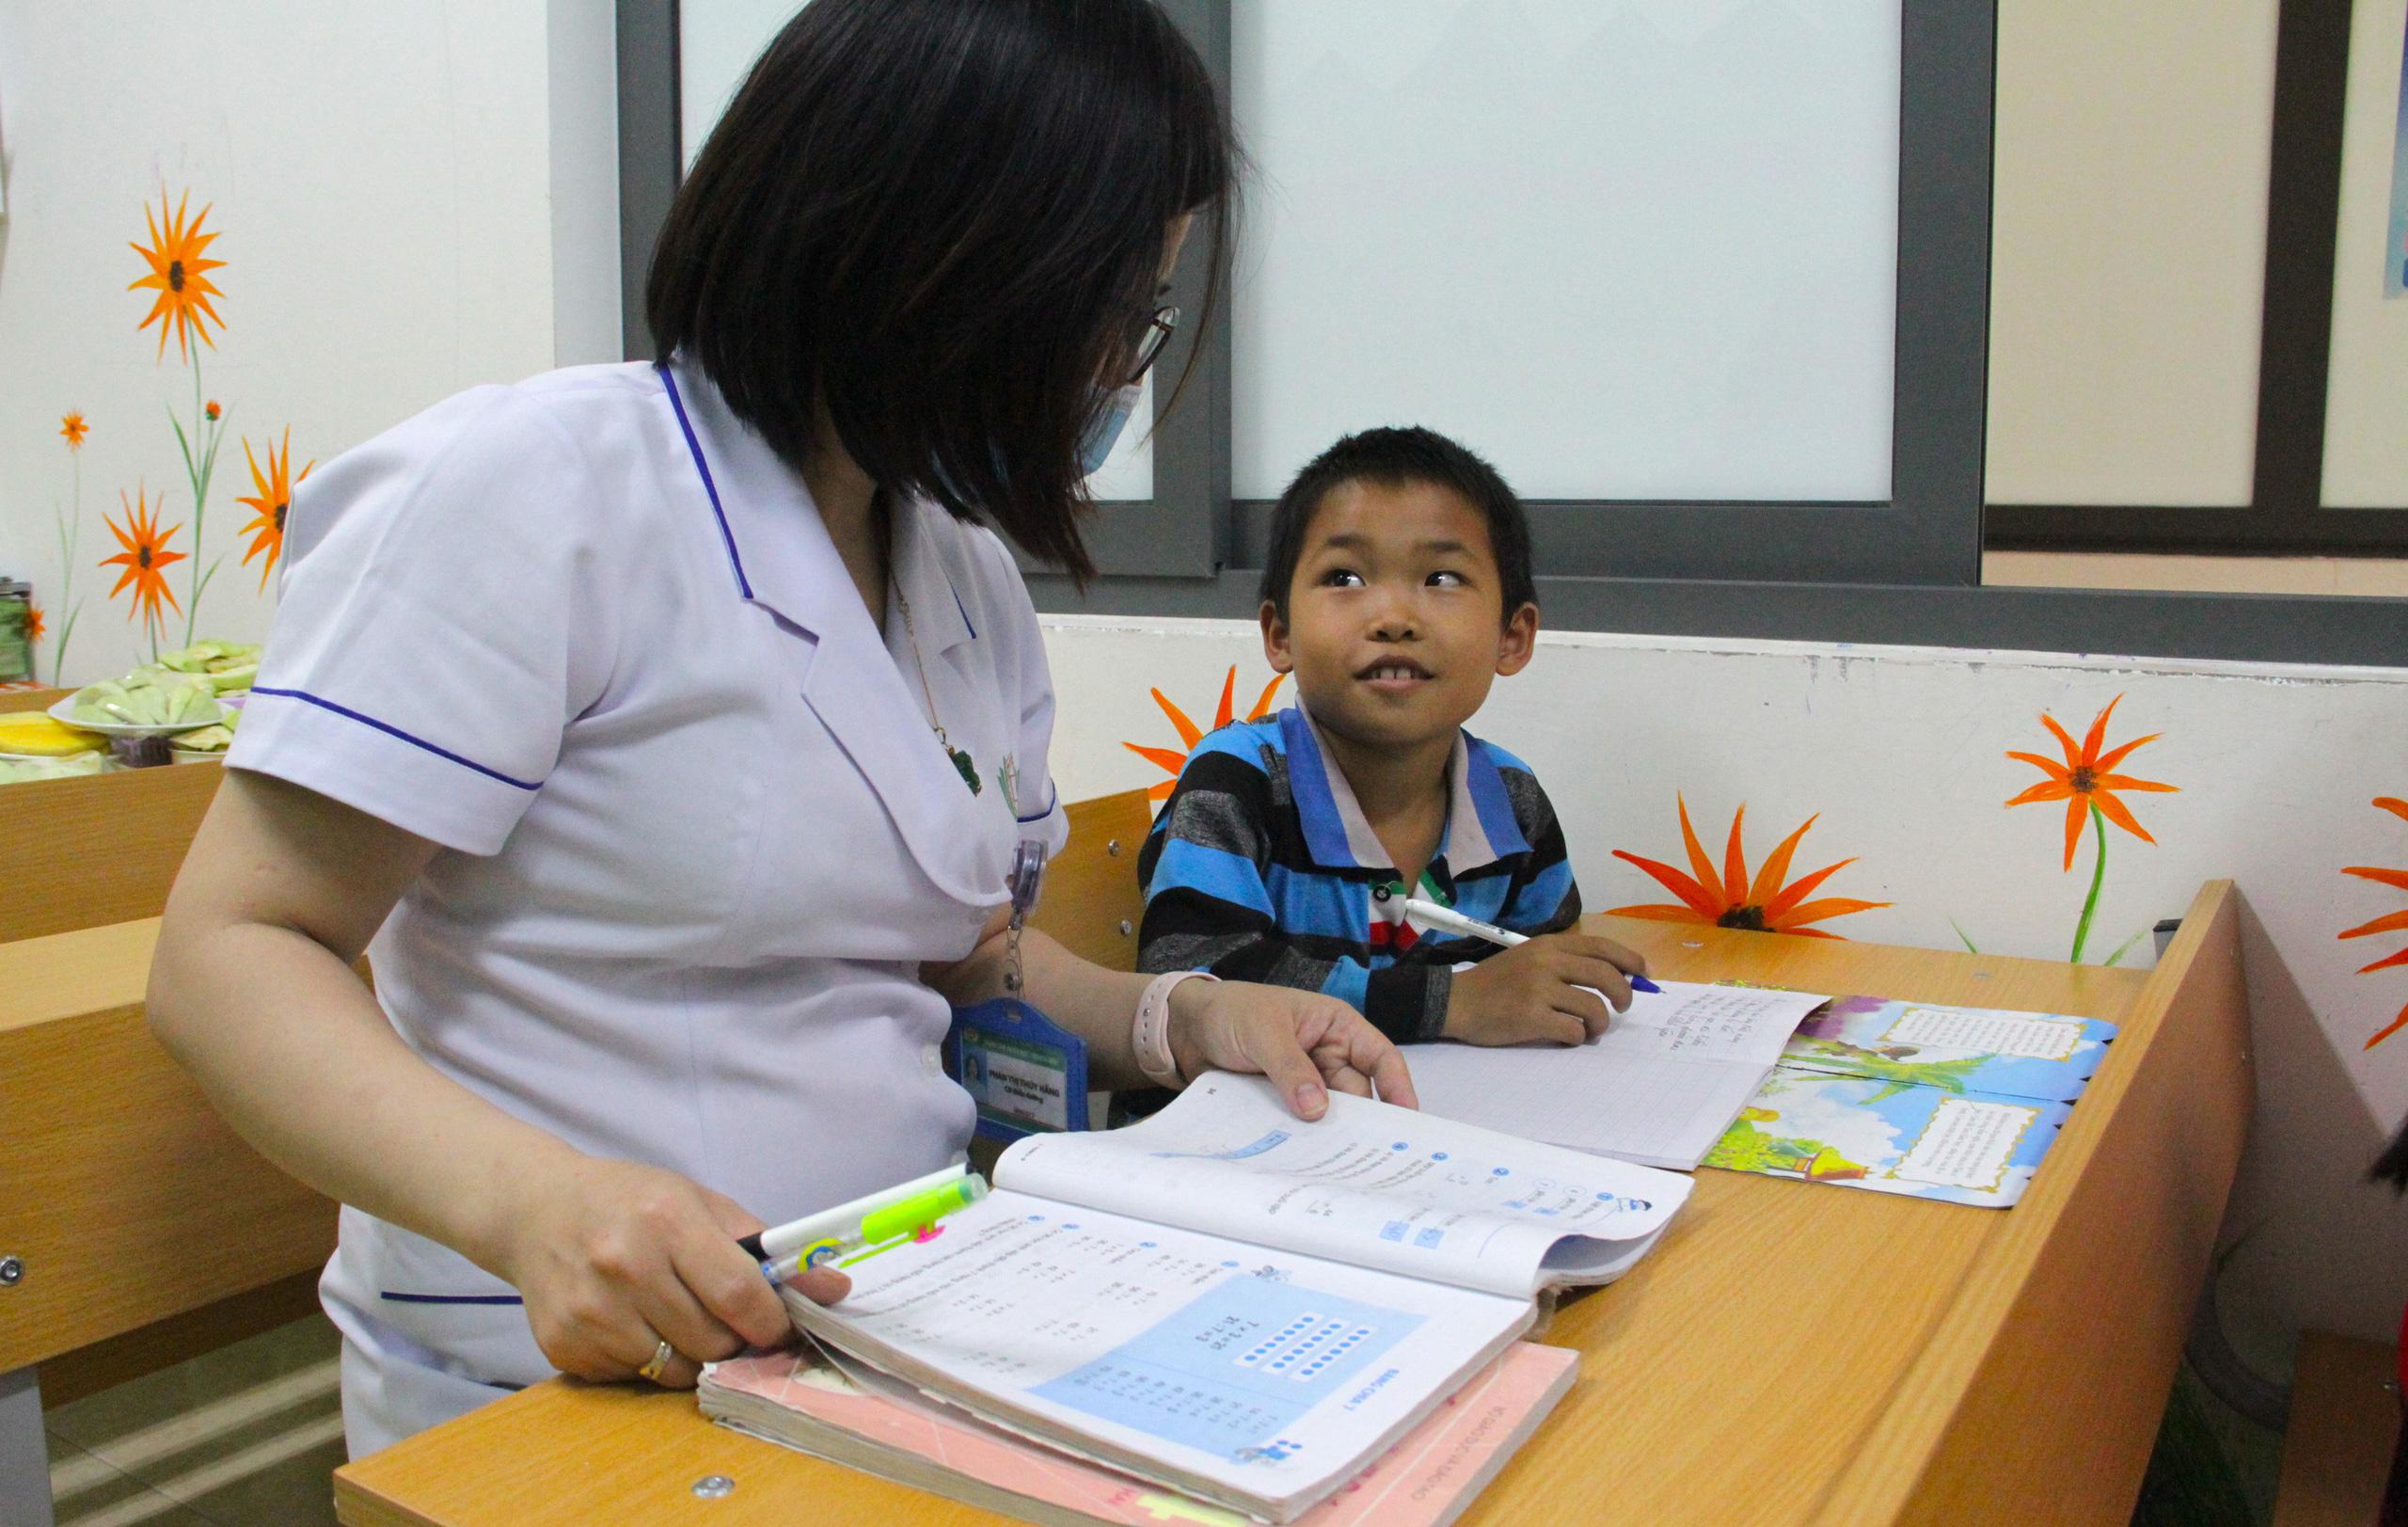 Lớp học đặc biệt trong trung tâm truyền máu, thầy cô là những người khoác áo blouse trắng - Ảnh 16.